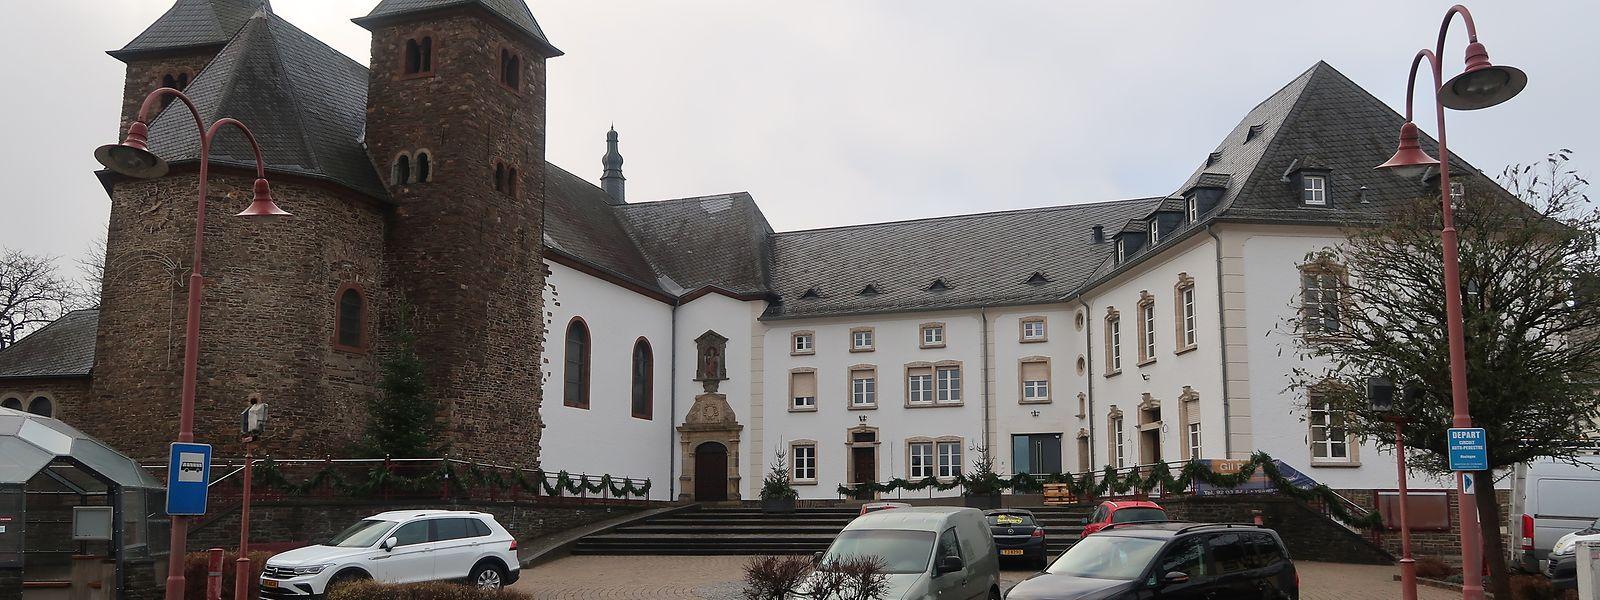 Die Renovierungs- und Umbauarbeiten an der Hosinger Kirche sowie am ehemaligen Pfarr- und Rathaus haben 1,5 Millionen Euro gekostet.